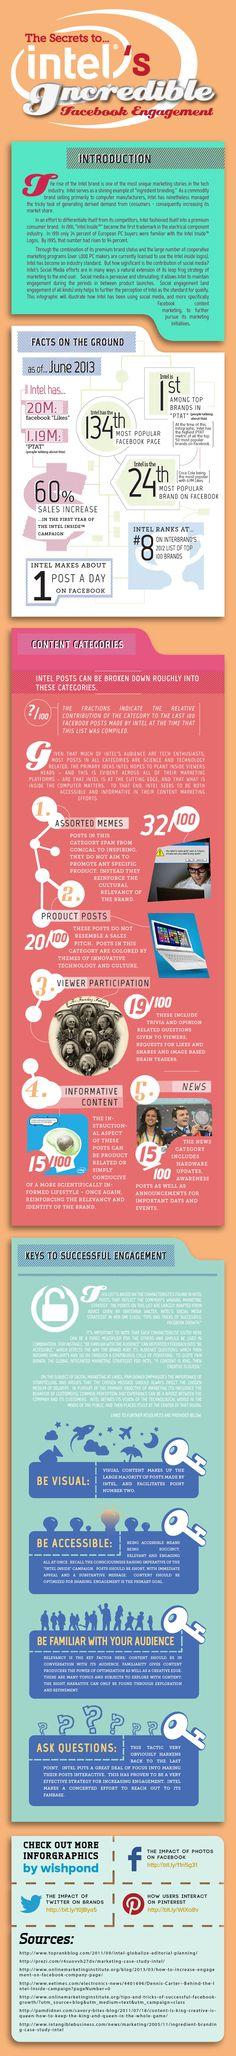 Intel Success on Facebook